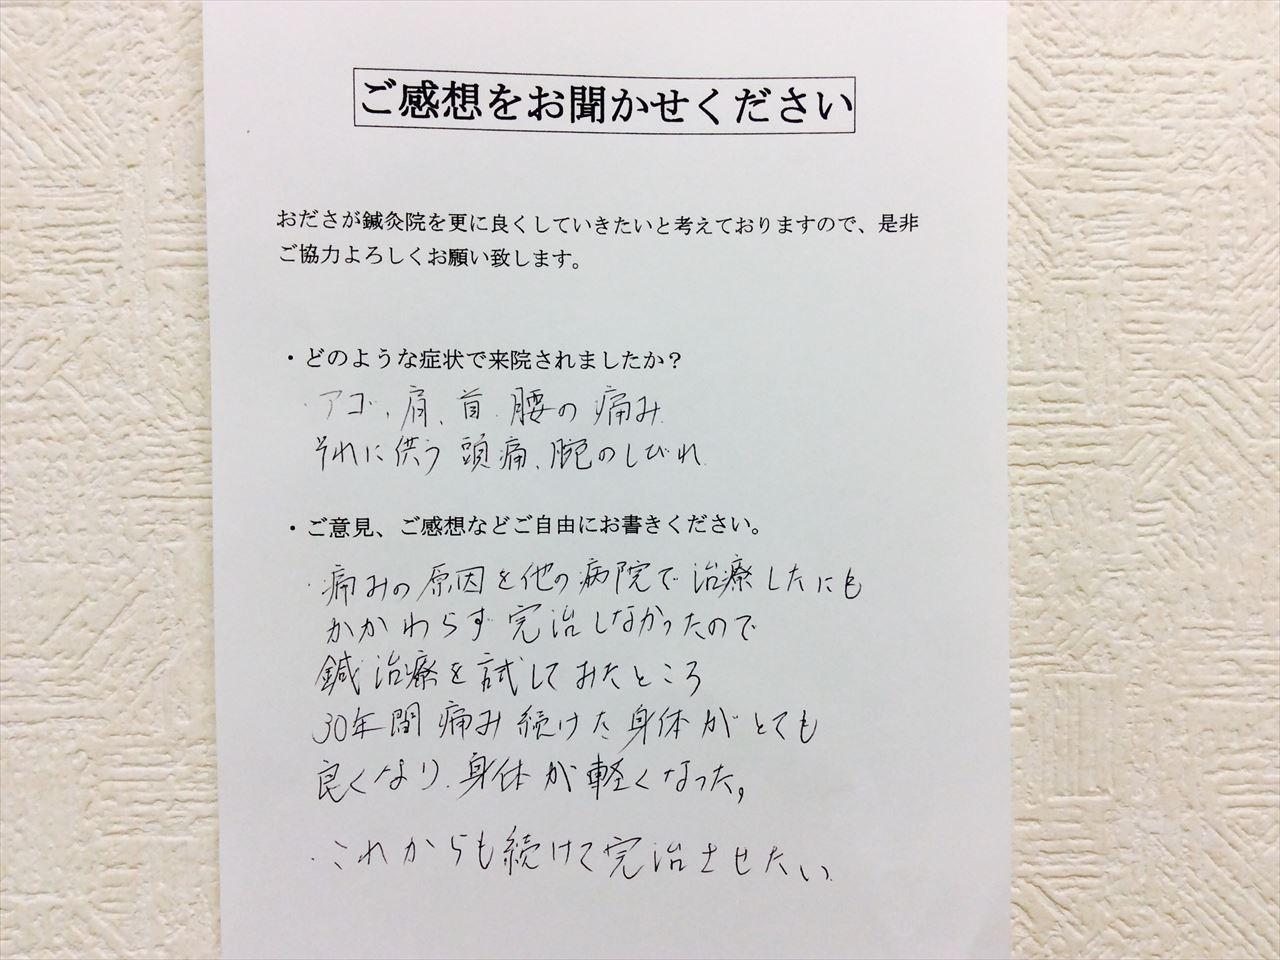 患者からの 手書手紙 新宿駅員 顎・首・腰の痛み